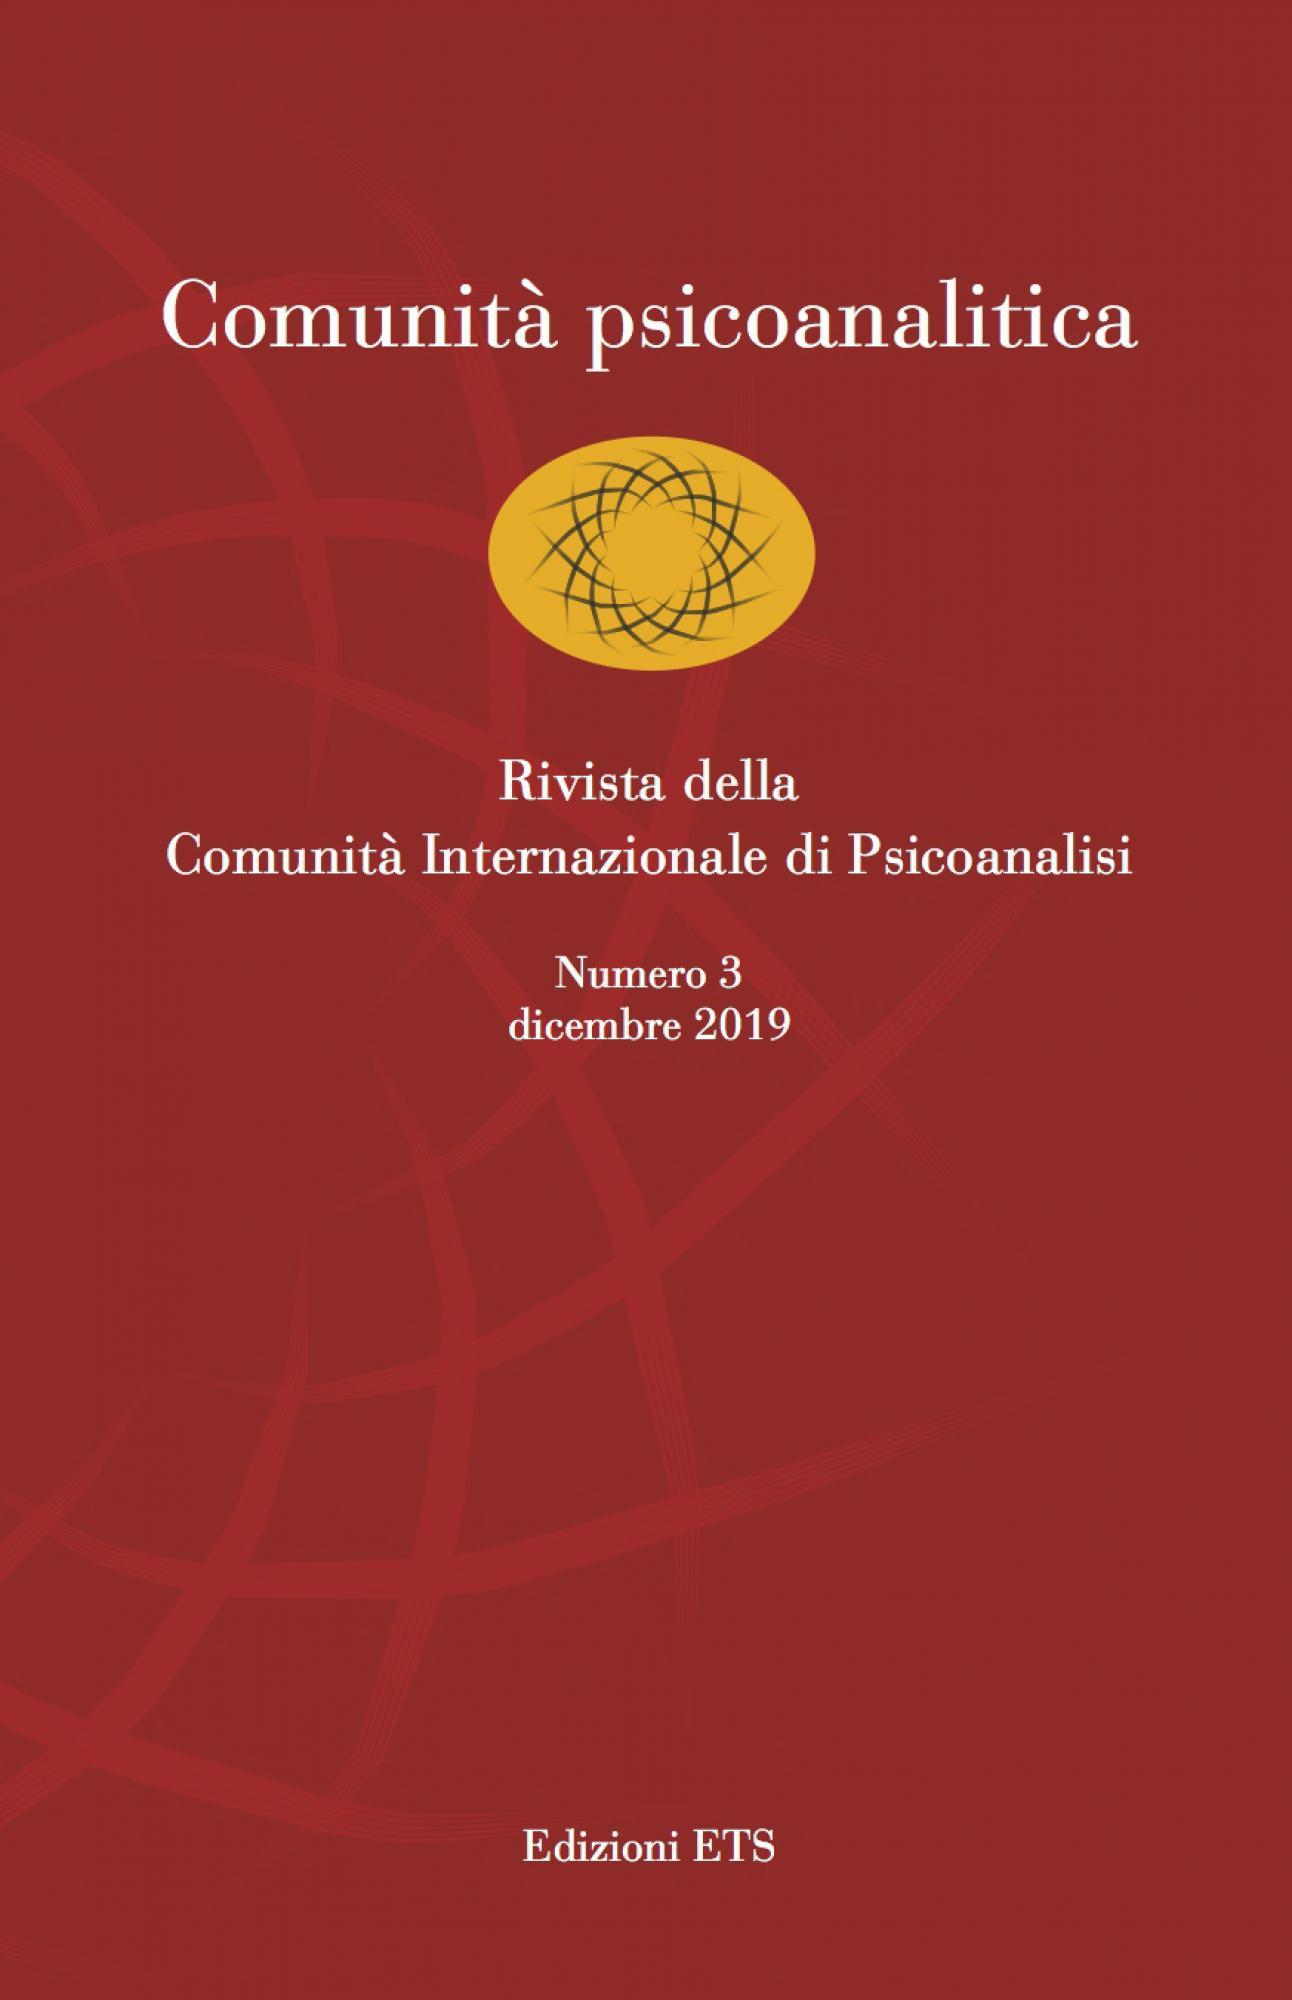 Comunità psicoanalitica.Rivista della Comunità Internazionale di Psicoanalisi. Numero 3, dicembre 2019